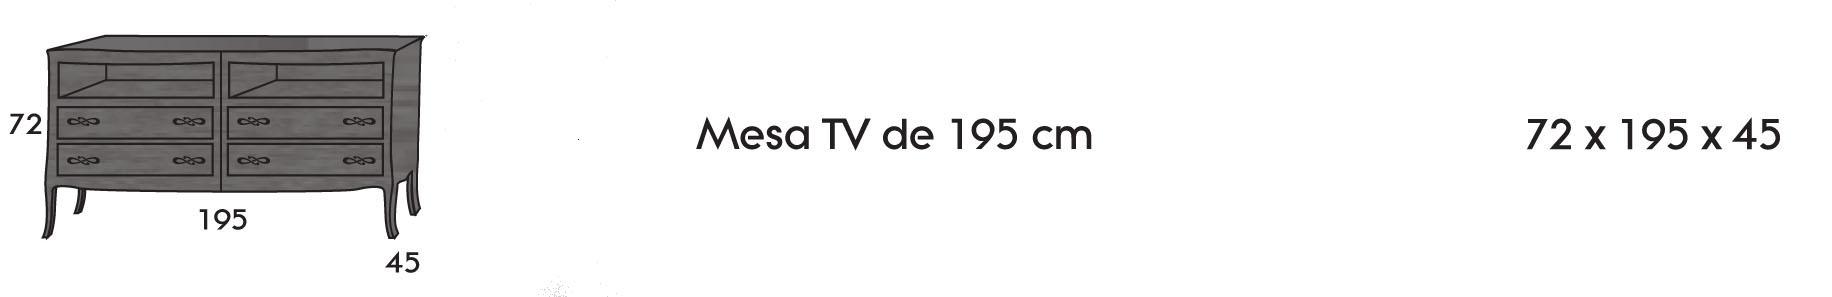 MesaTV195